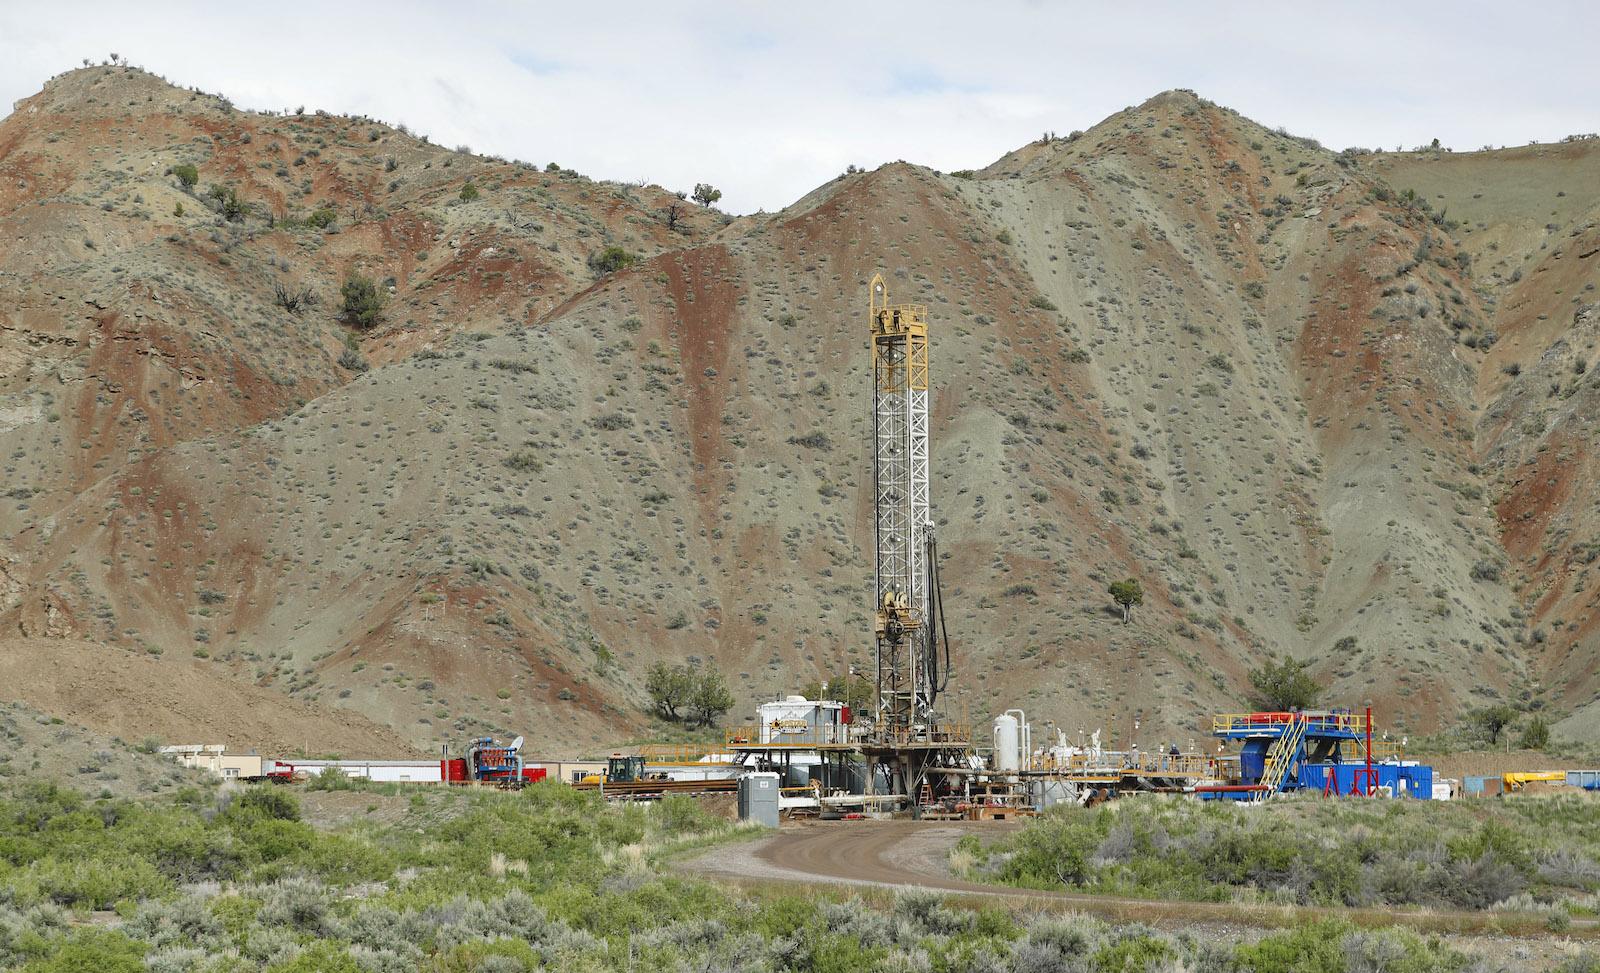 an oil rig near a mountain in Utah